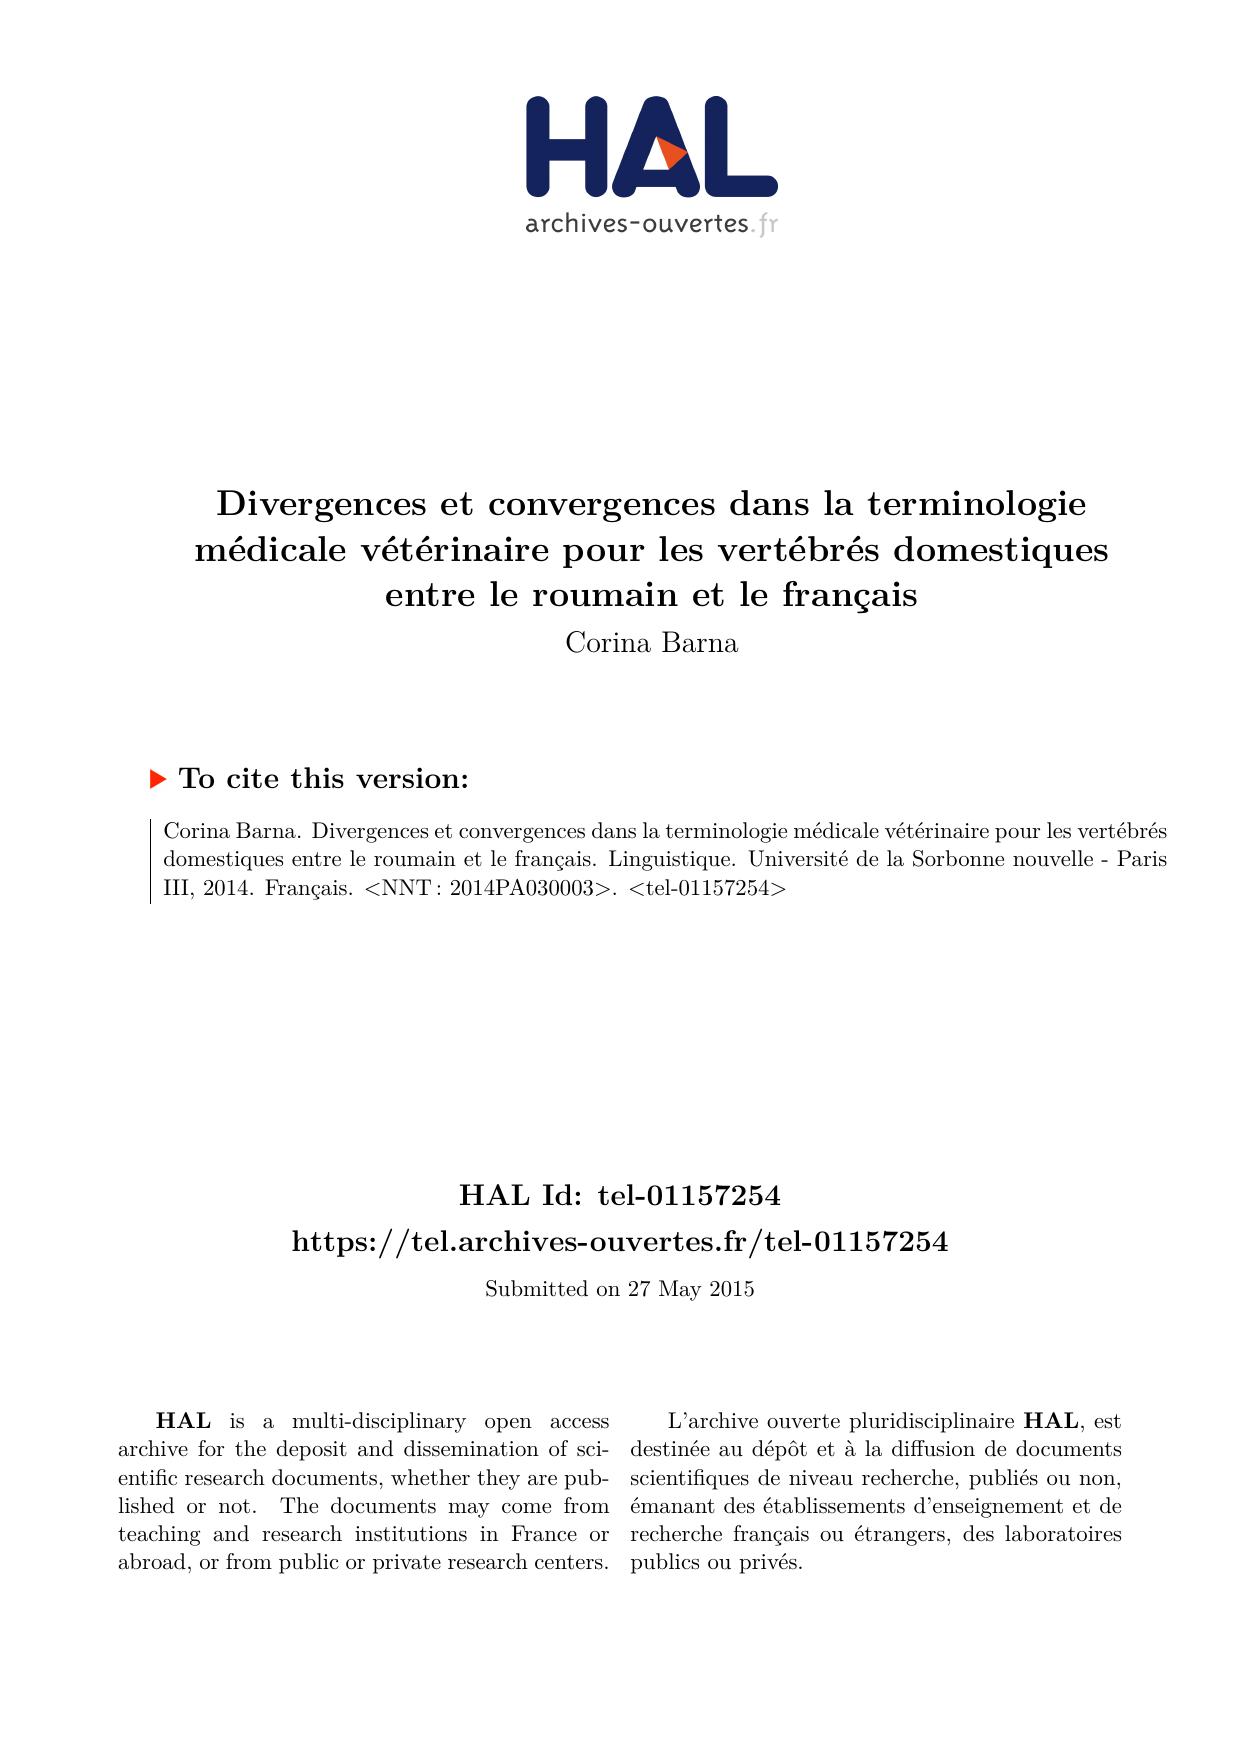 un parazit - Traducere în engleză - exemple în română | Reverso Context